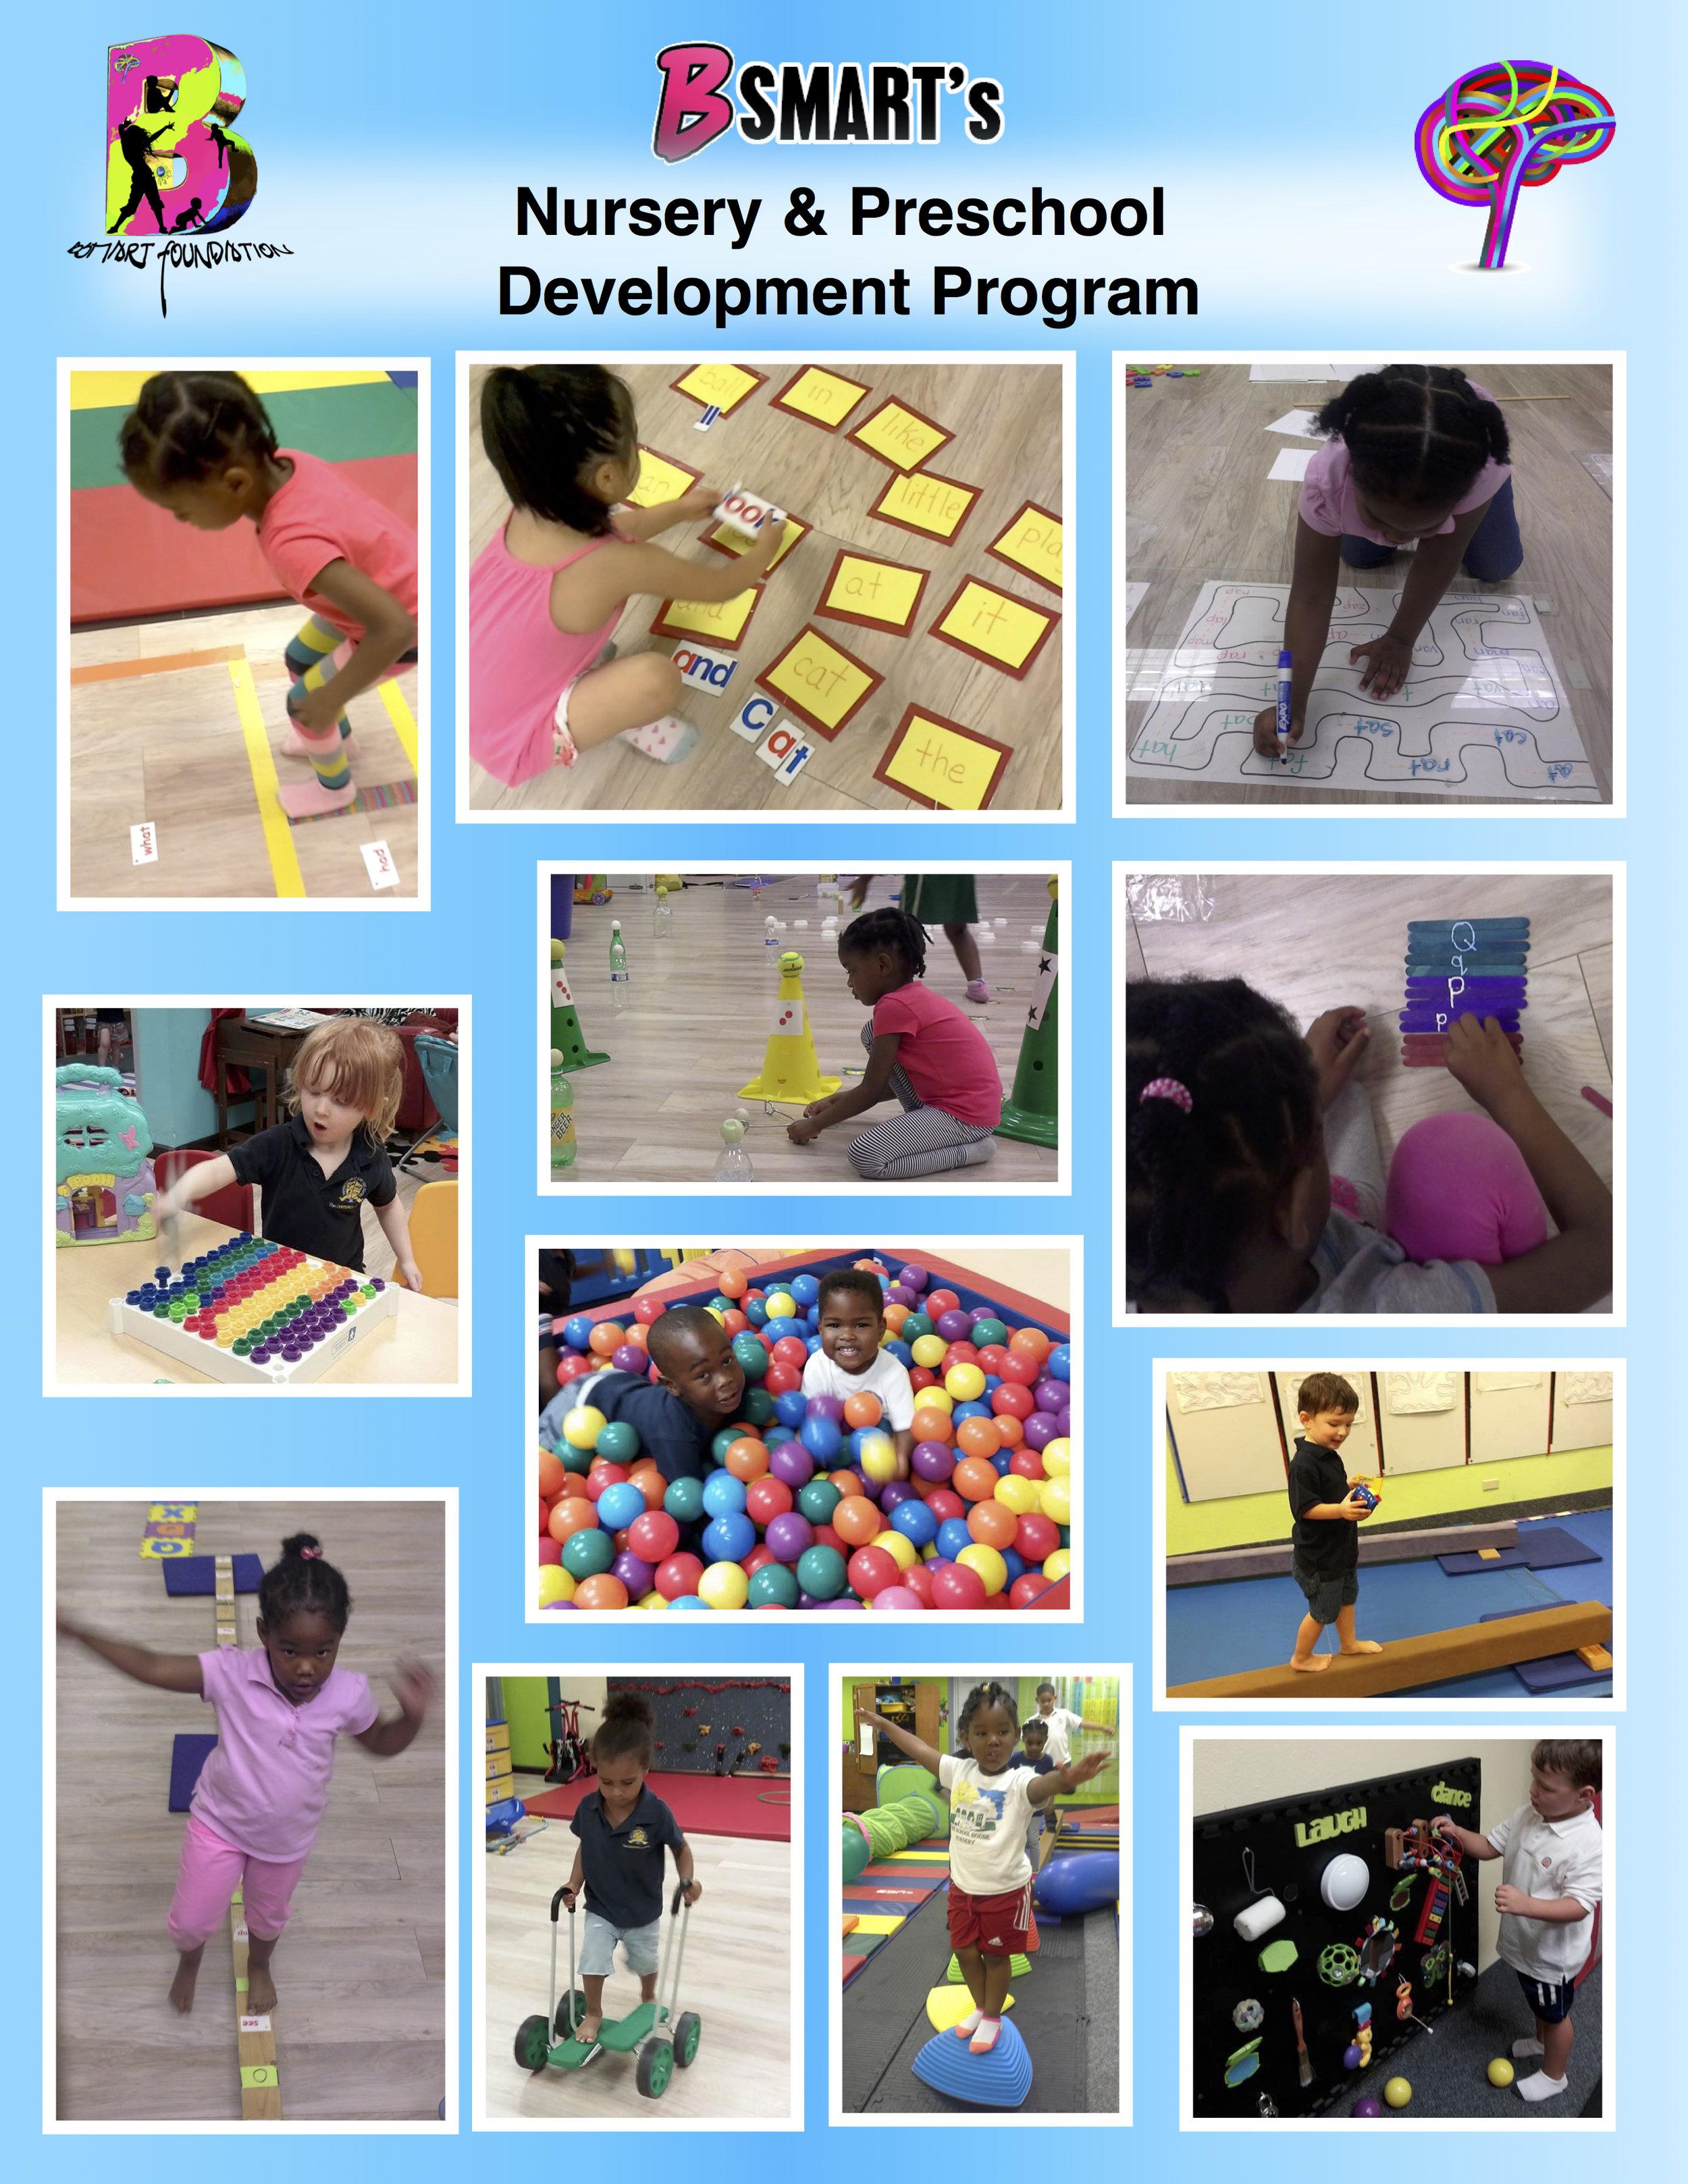 Nursery & Preschool programming Collage_2017.jpg